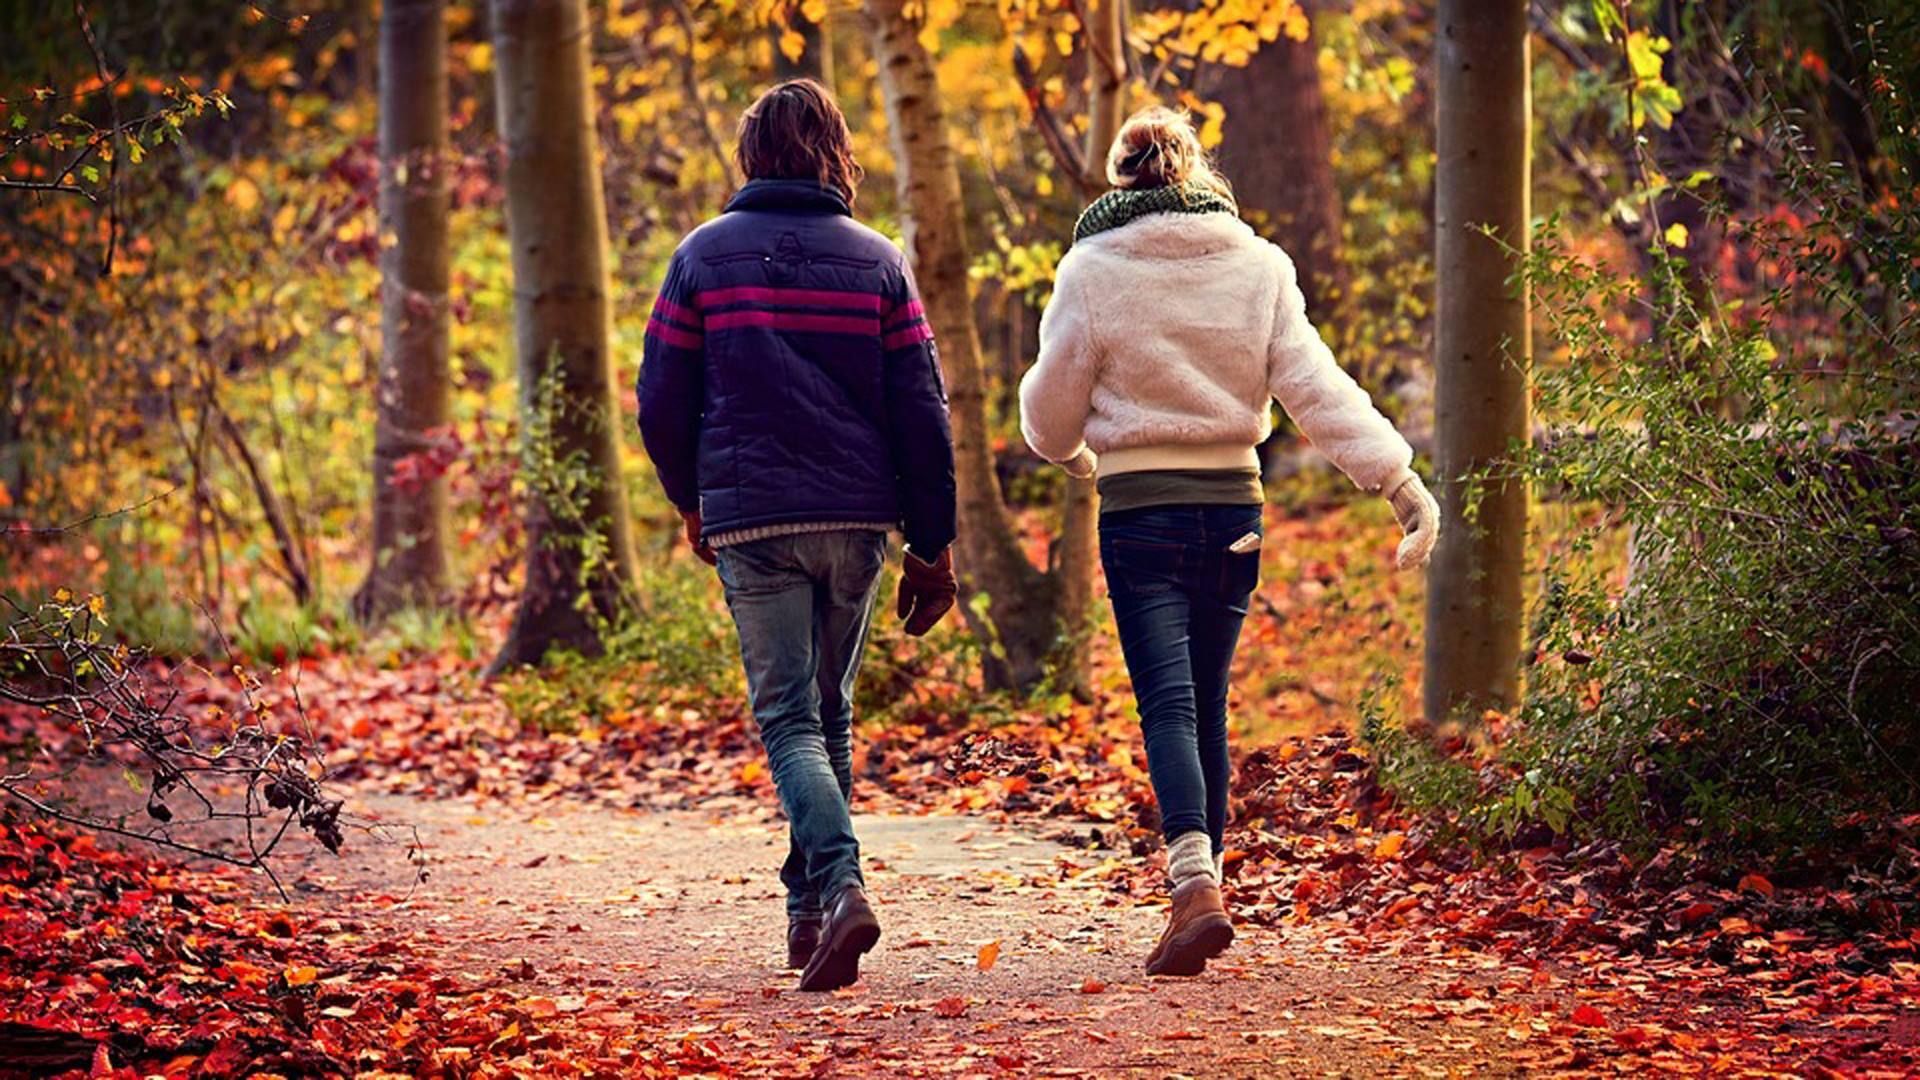 چگونه روابط دوستانه را به ازدواج برسانیم؟